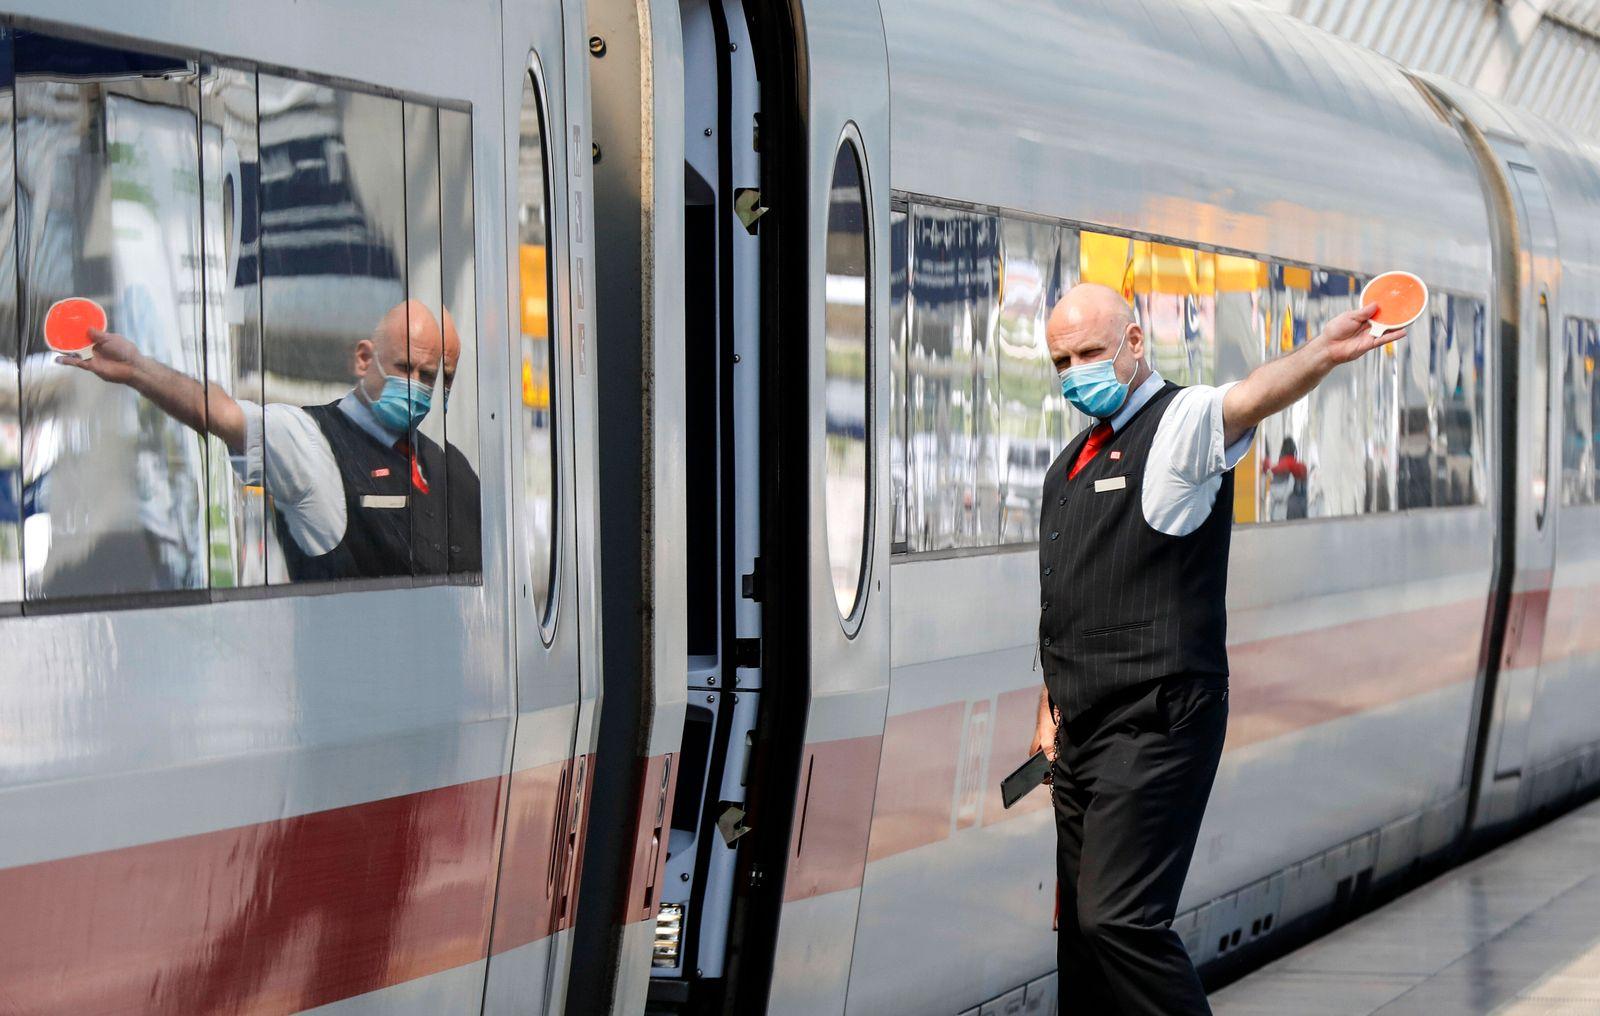 Deutsche Bahn Coronavirus Berlin, DEU, 27.05.2020 - Ein Zugbegleiter mit Gesichtsmaske gibt dem Lokfuehrer das Abfahrtze